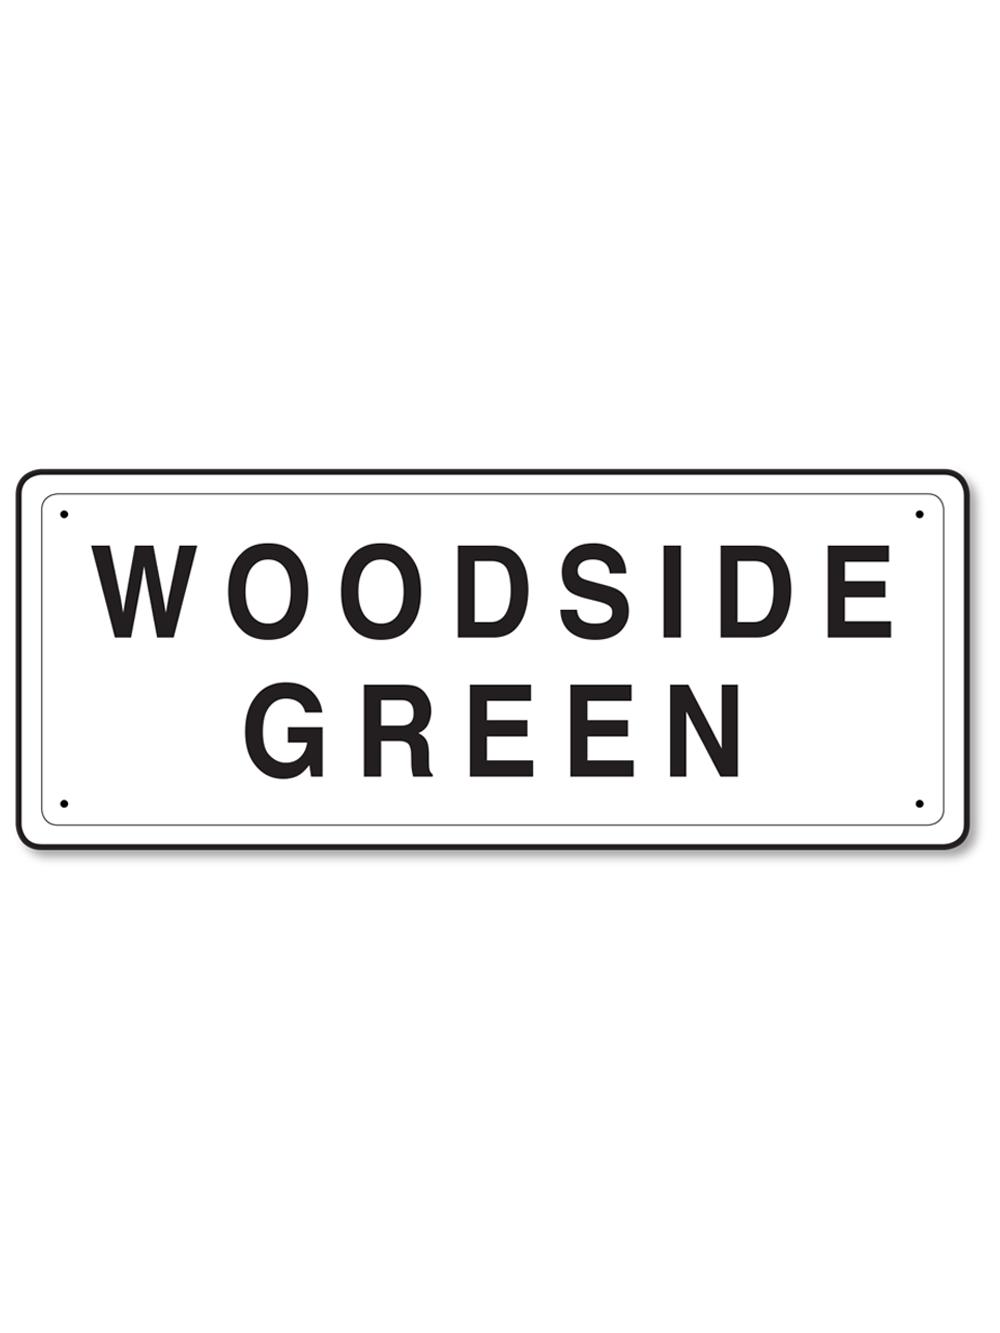 woodside-green_1000x1333.png